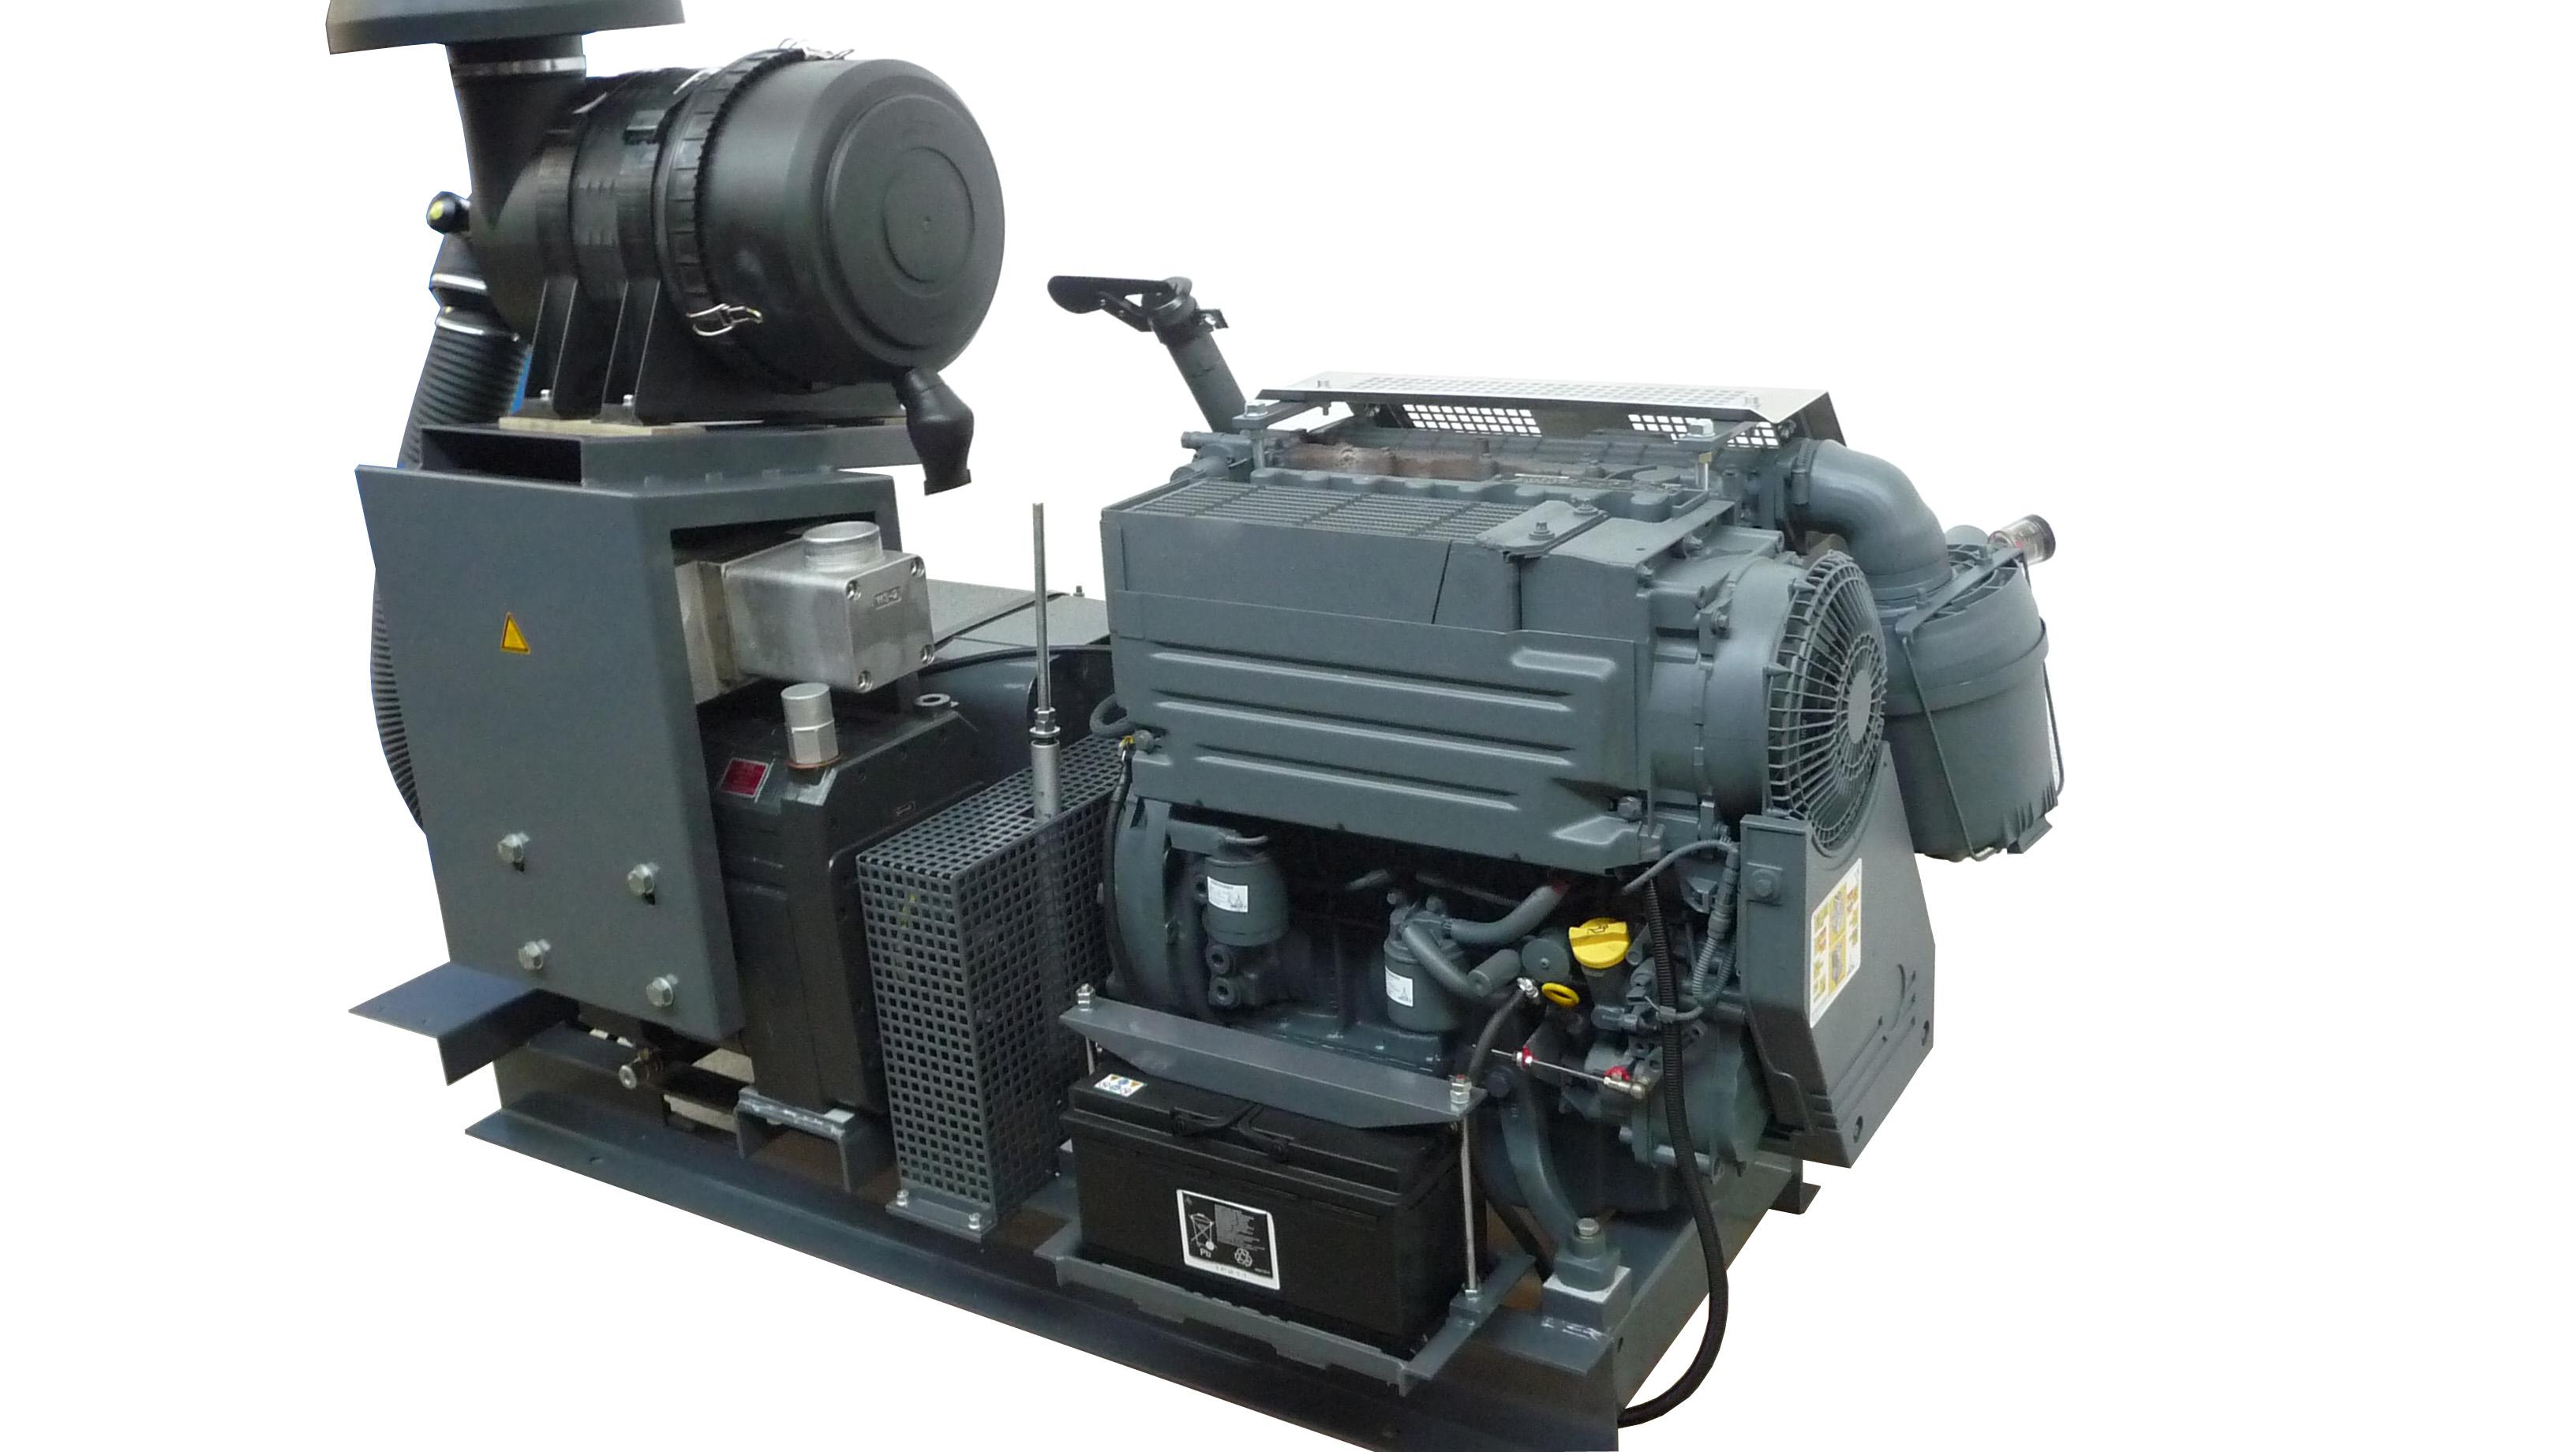 SiloKing 700 компрессорные агрегаты с 3-х цилиндровым ДВС Deutz D2011F4Li